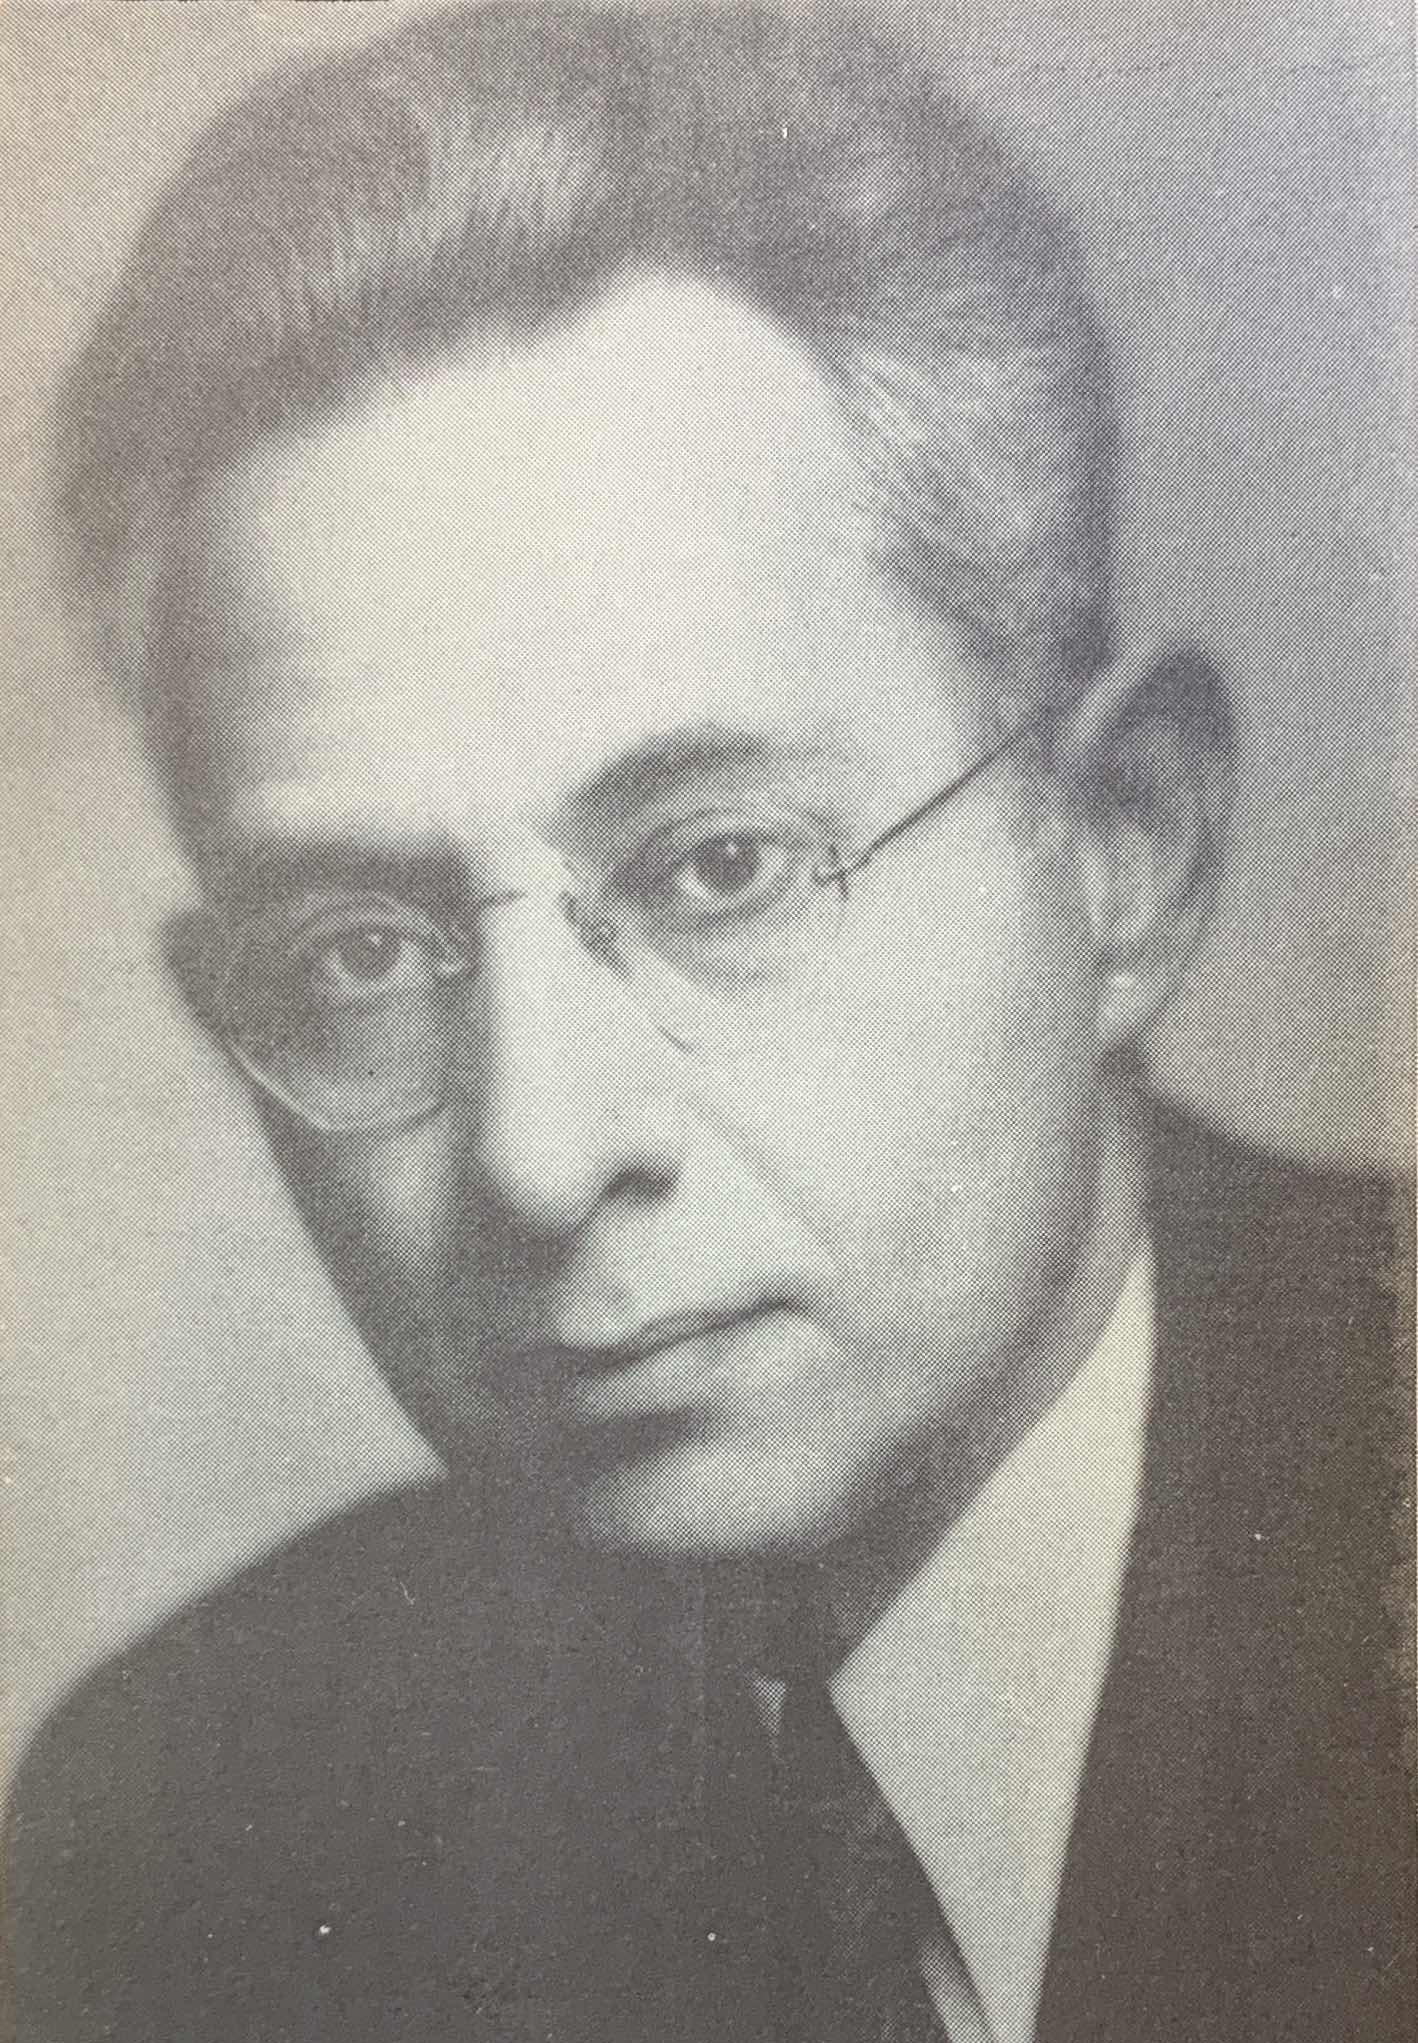 Lazar Weiner